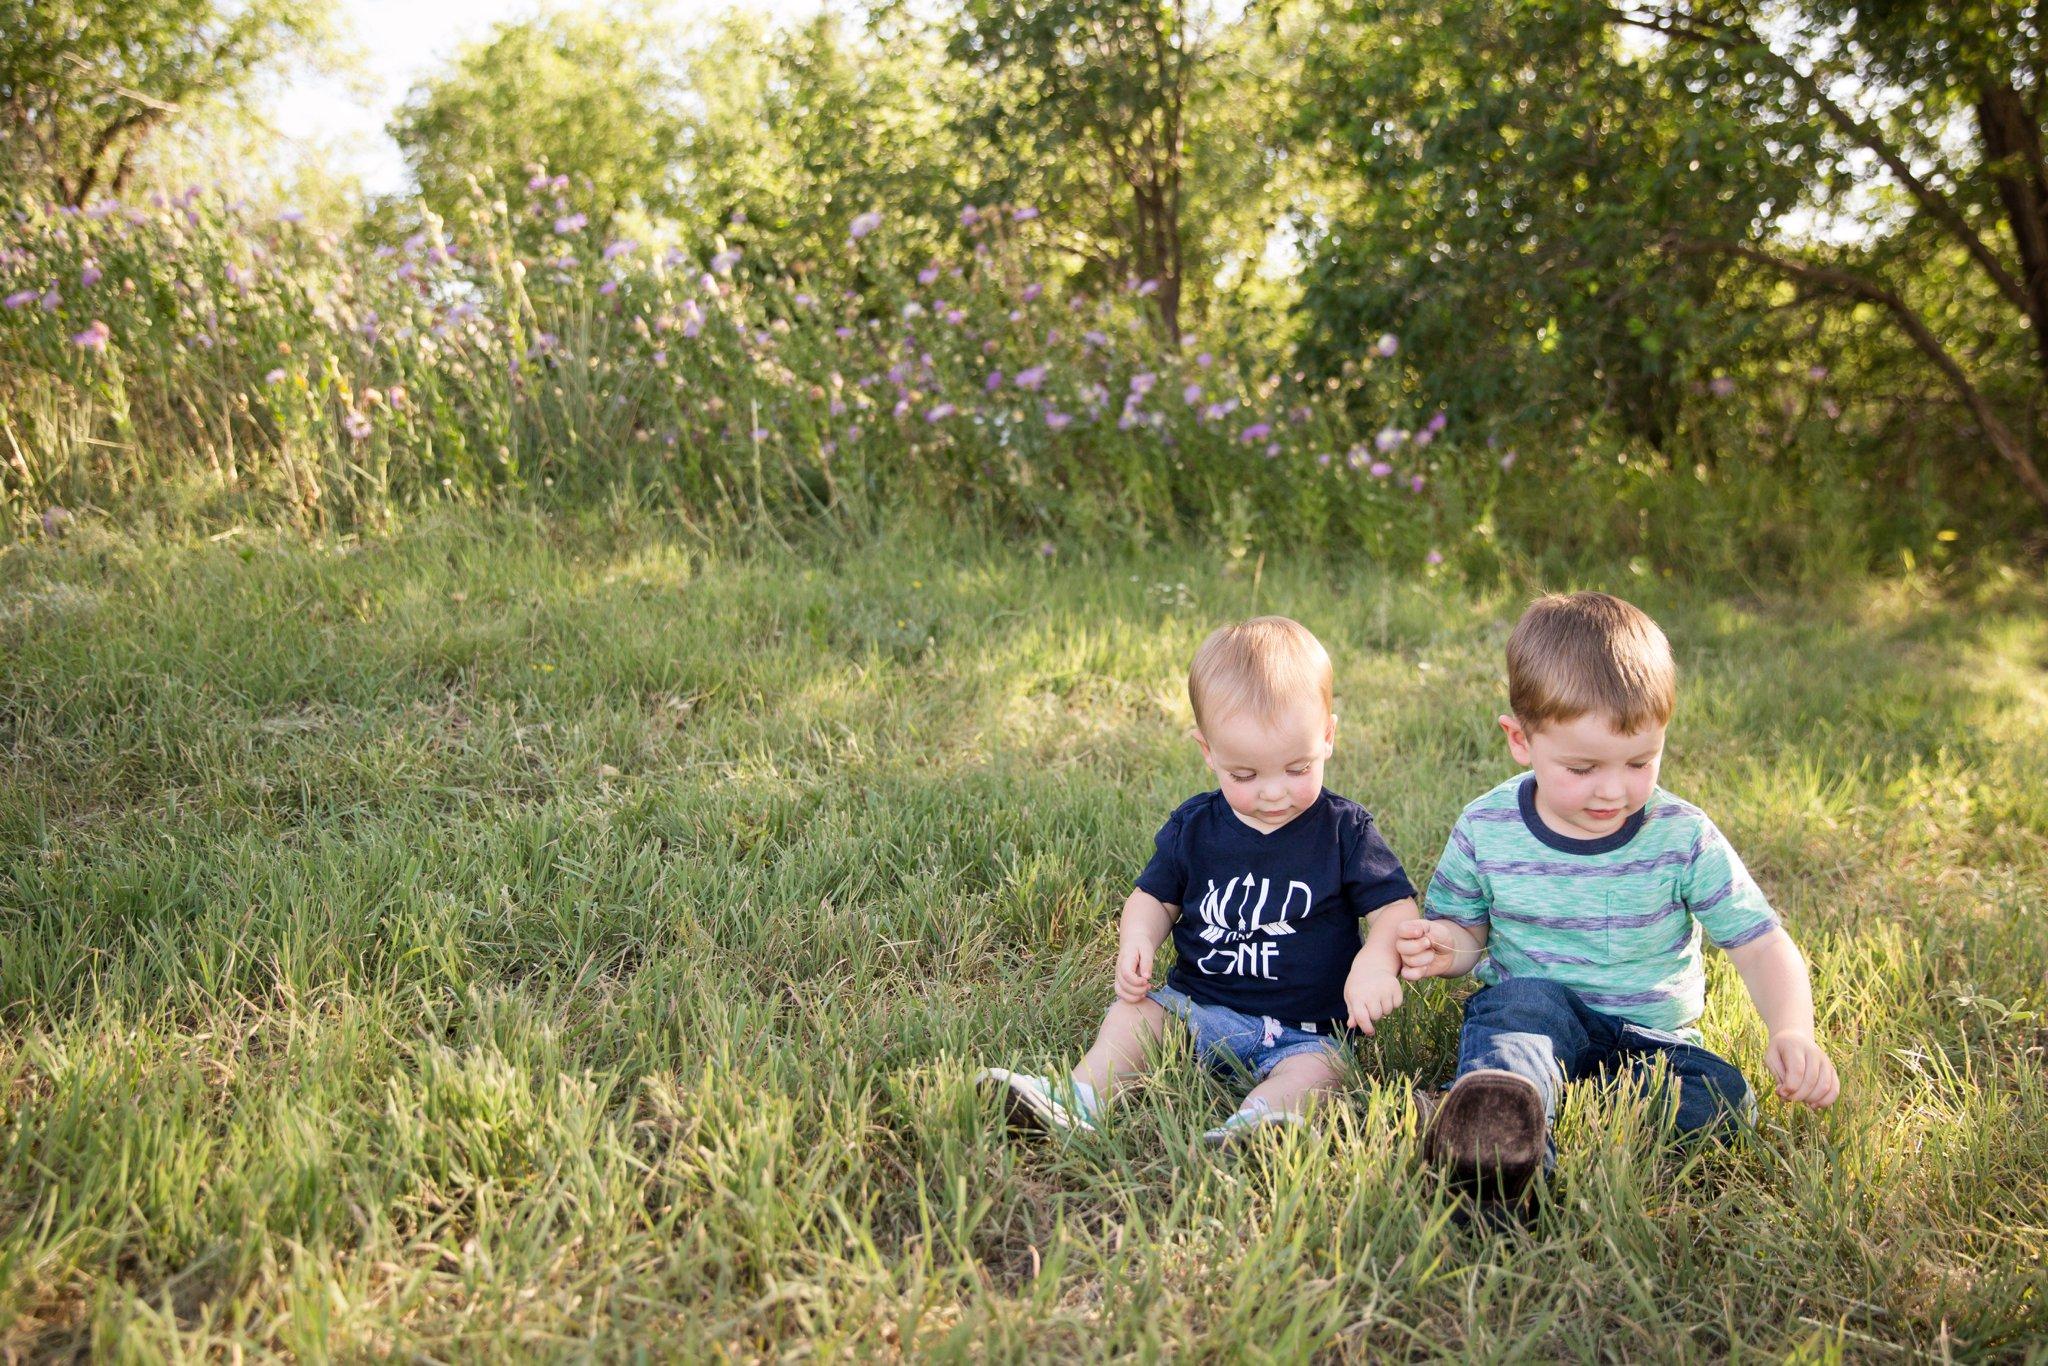 lubbock-family-photographer16.jpg